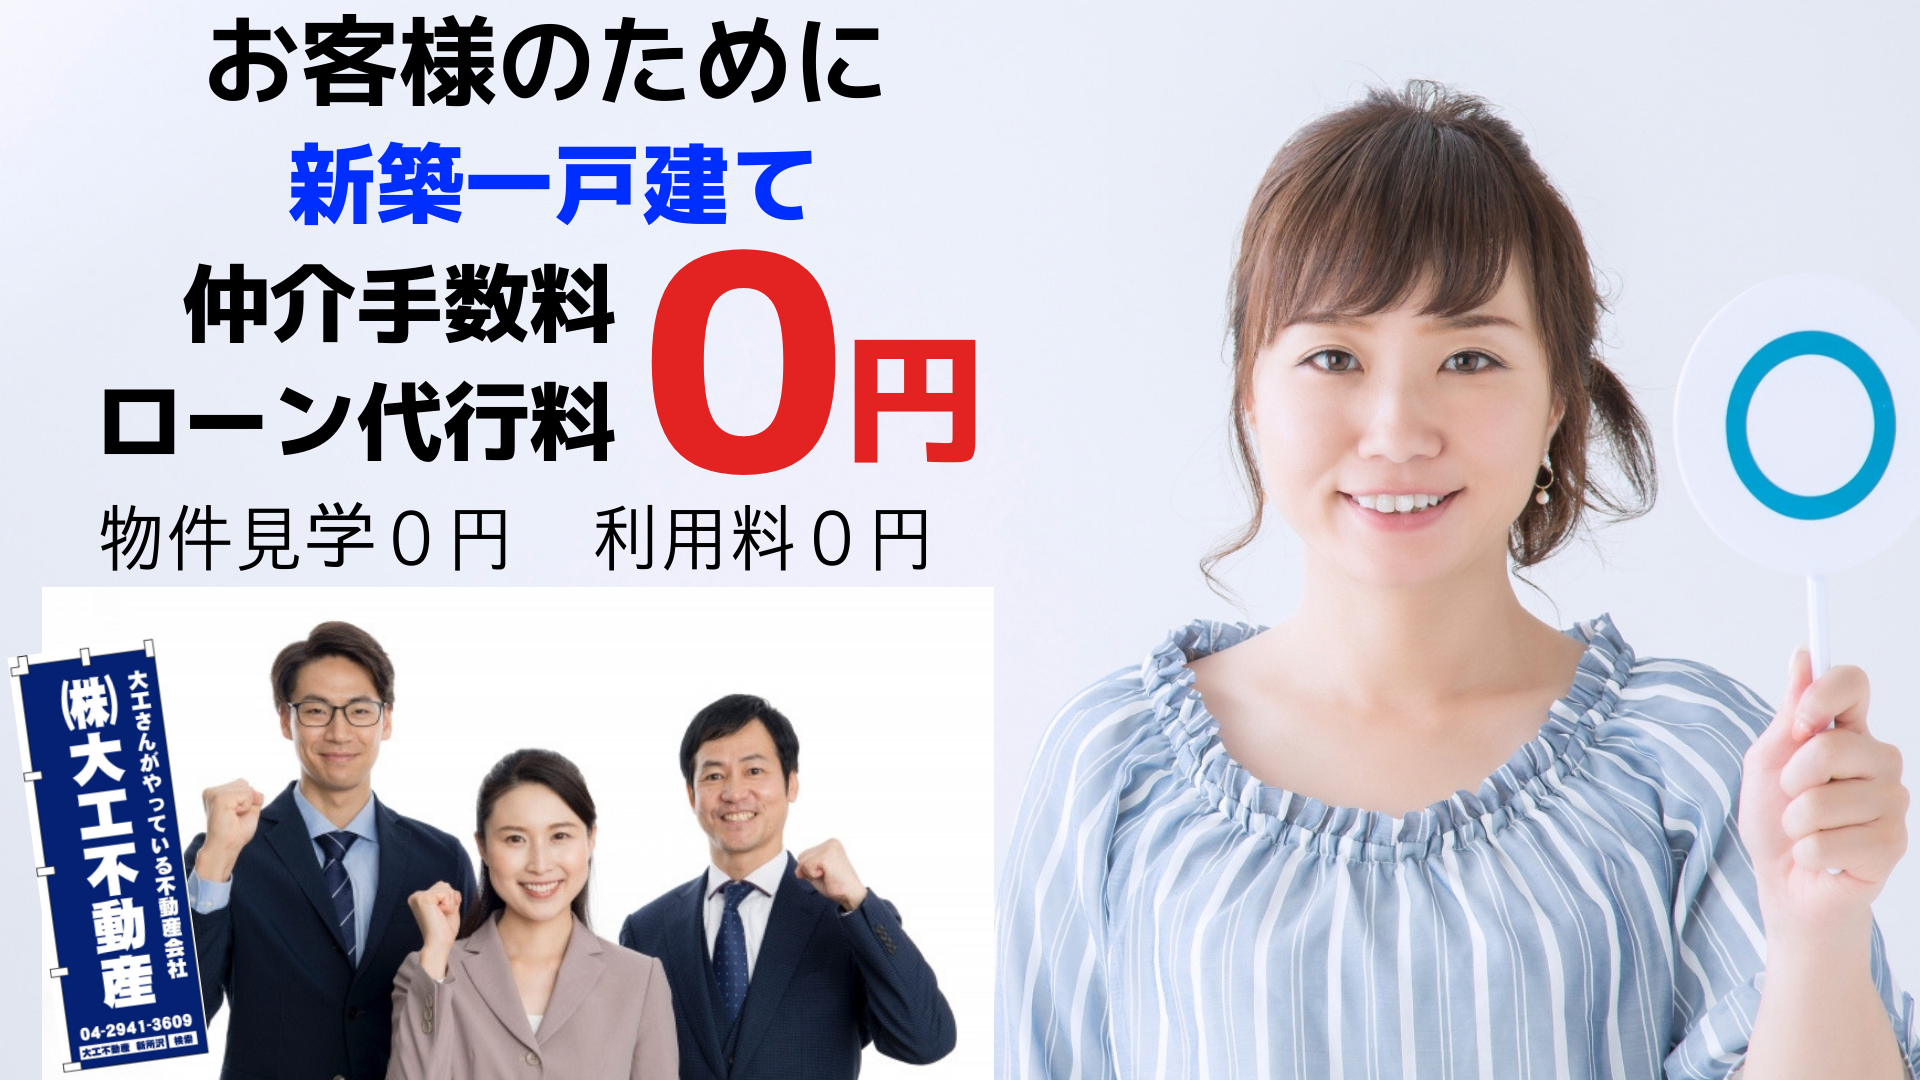 新築一戸建て購入は仲介手数料無料(0円)